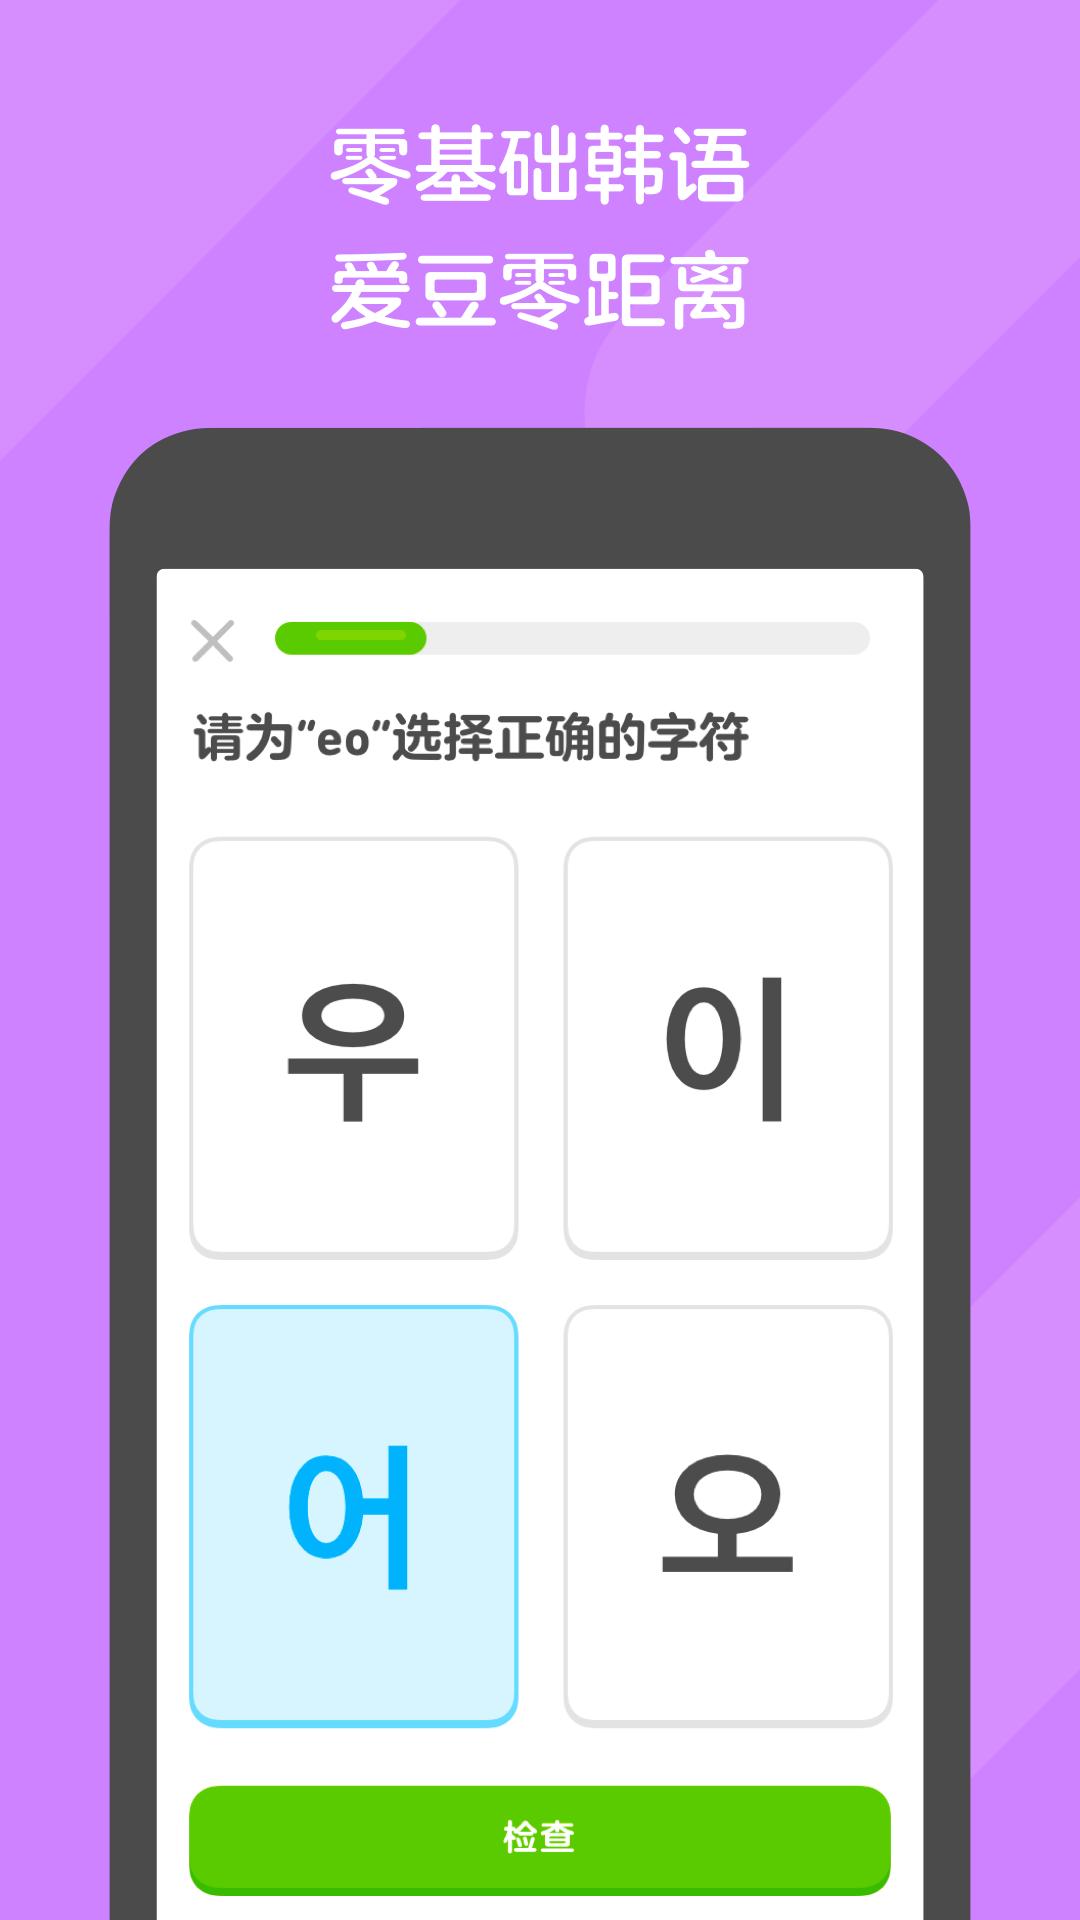 多邻国Duolingo英语日语法语 APP截图